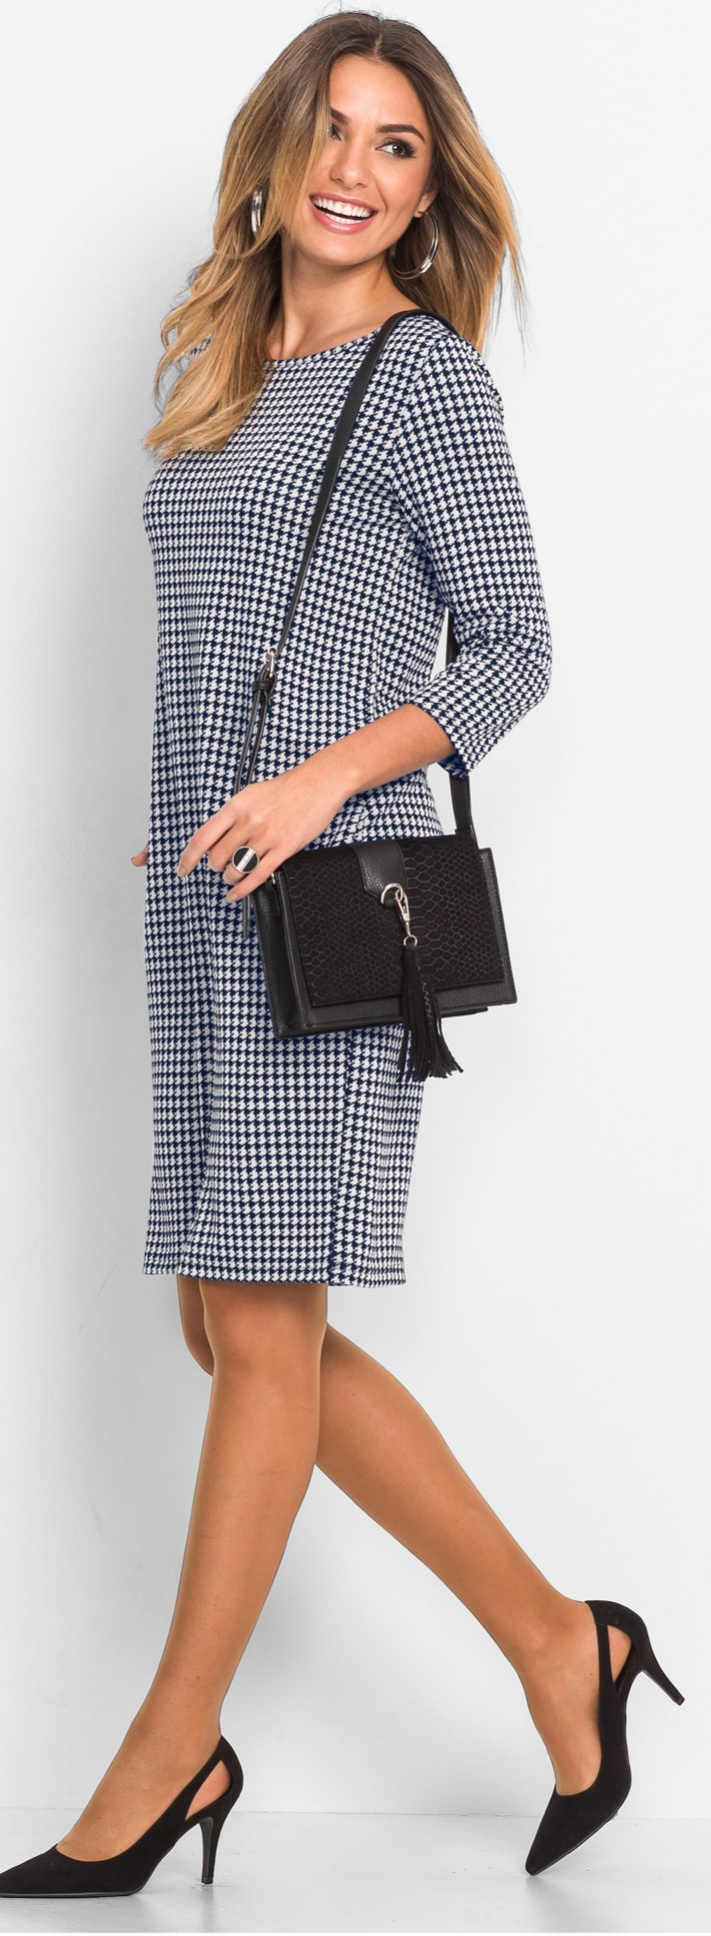 Černobilé kostkované úpletové šaty